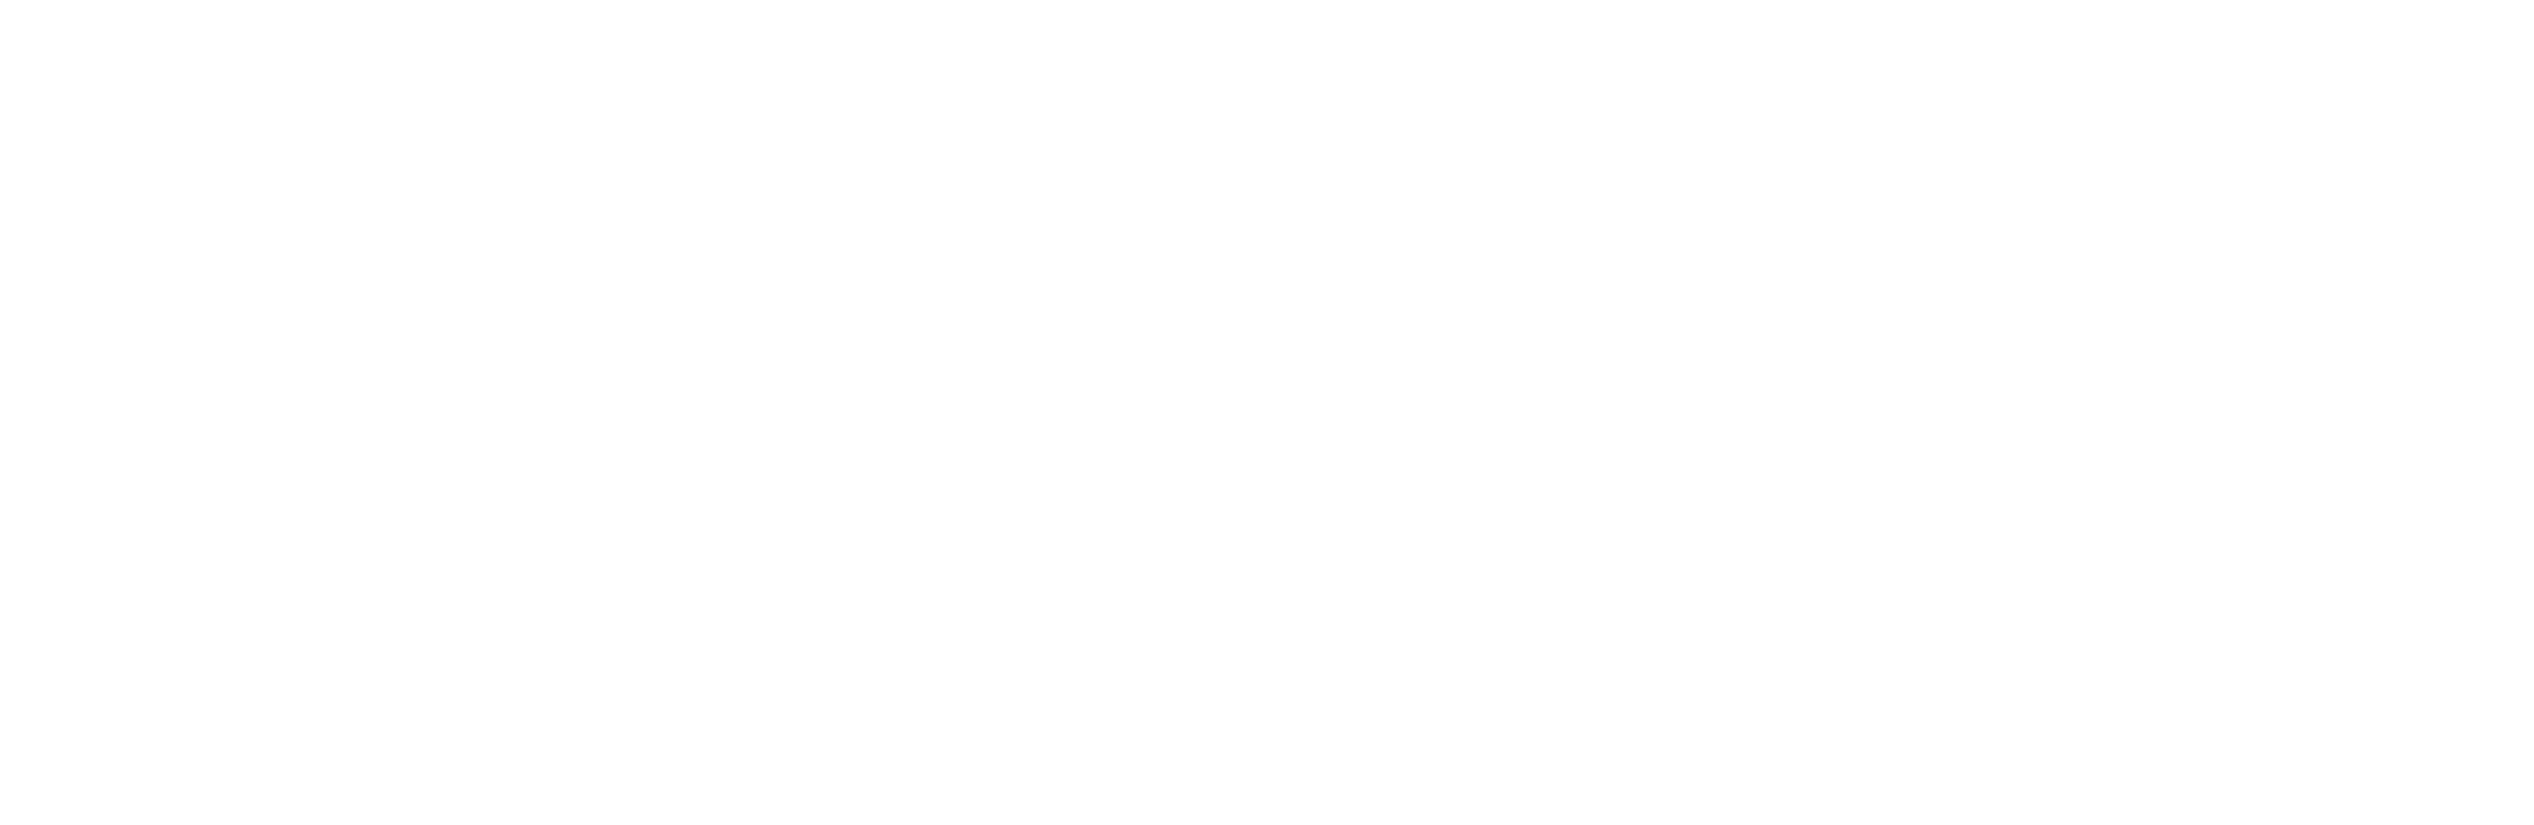 logo_ogu%cc%88s_white_300dpi